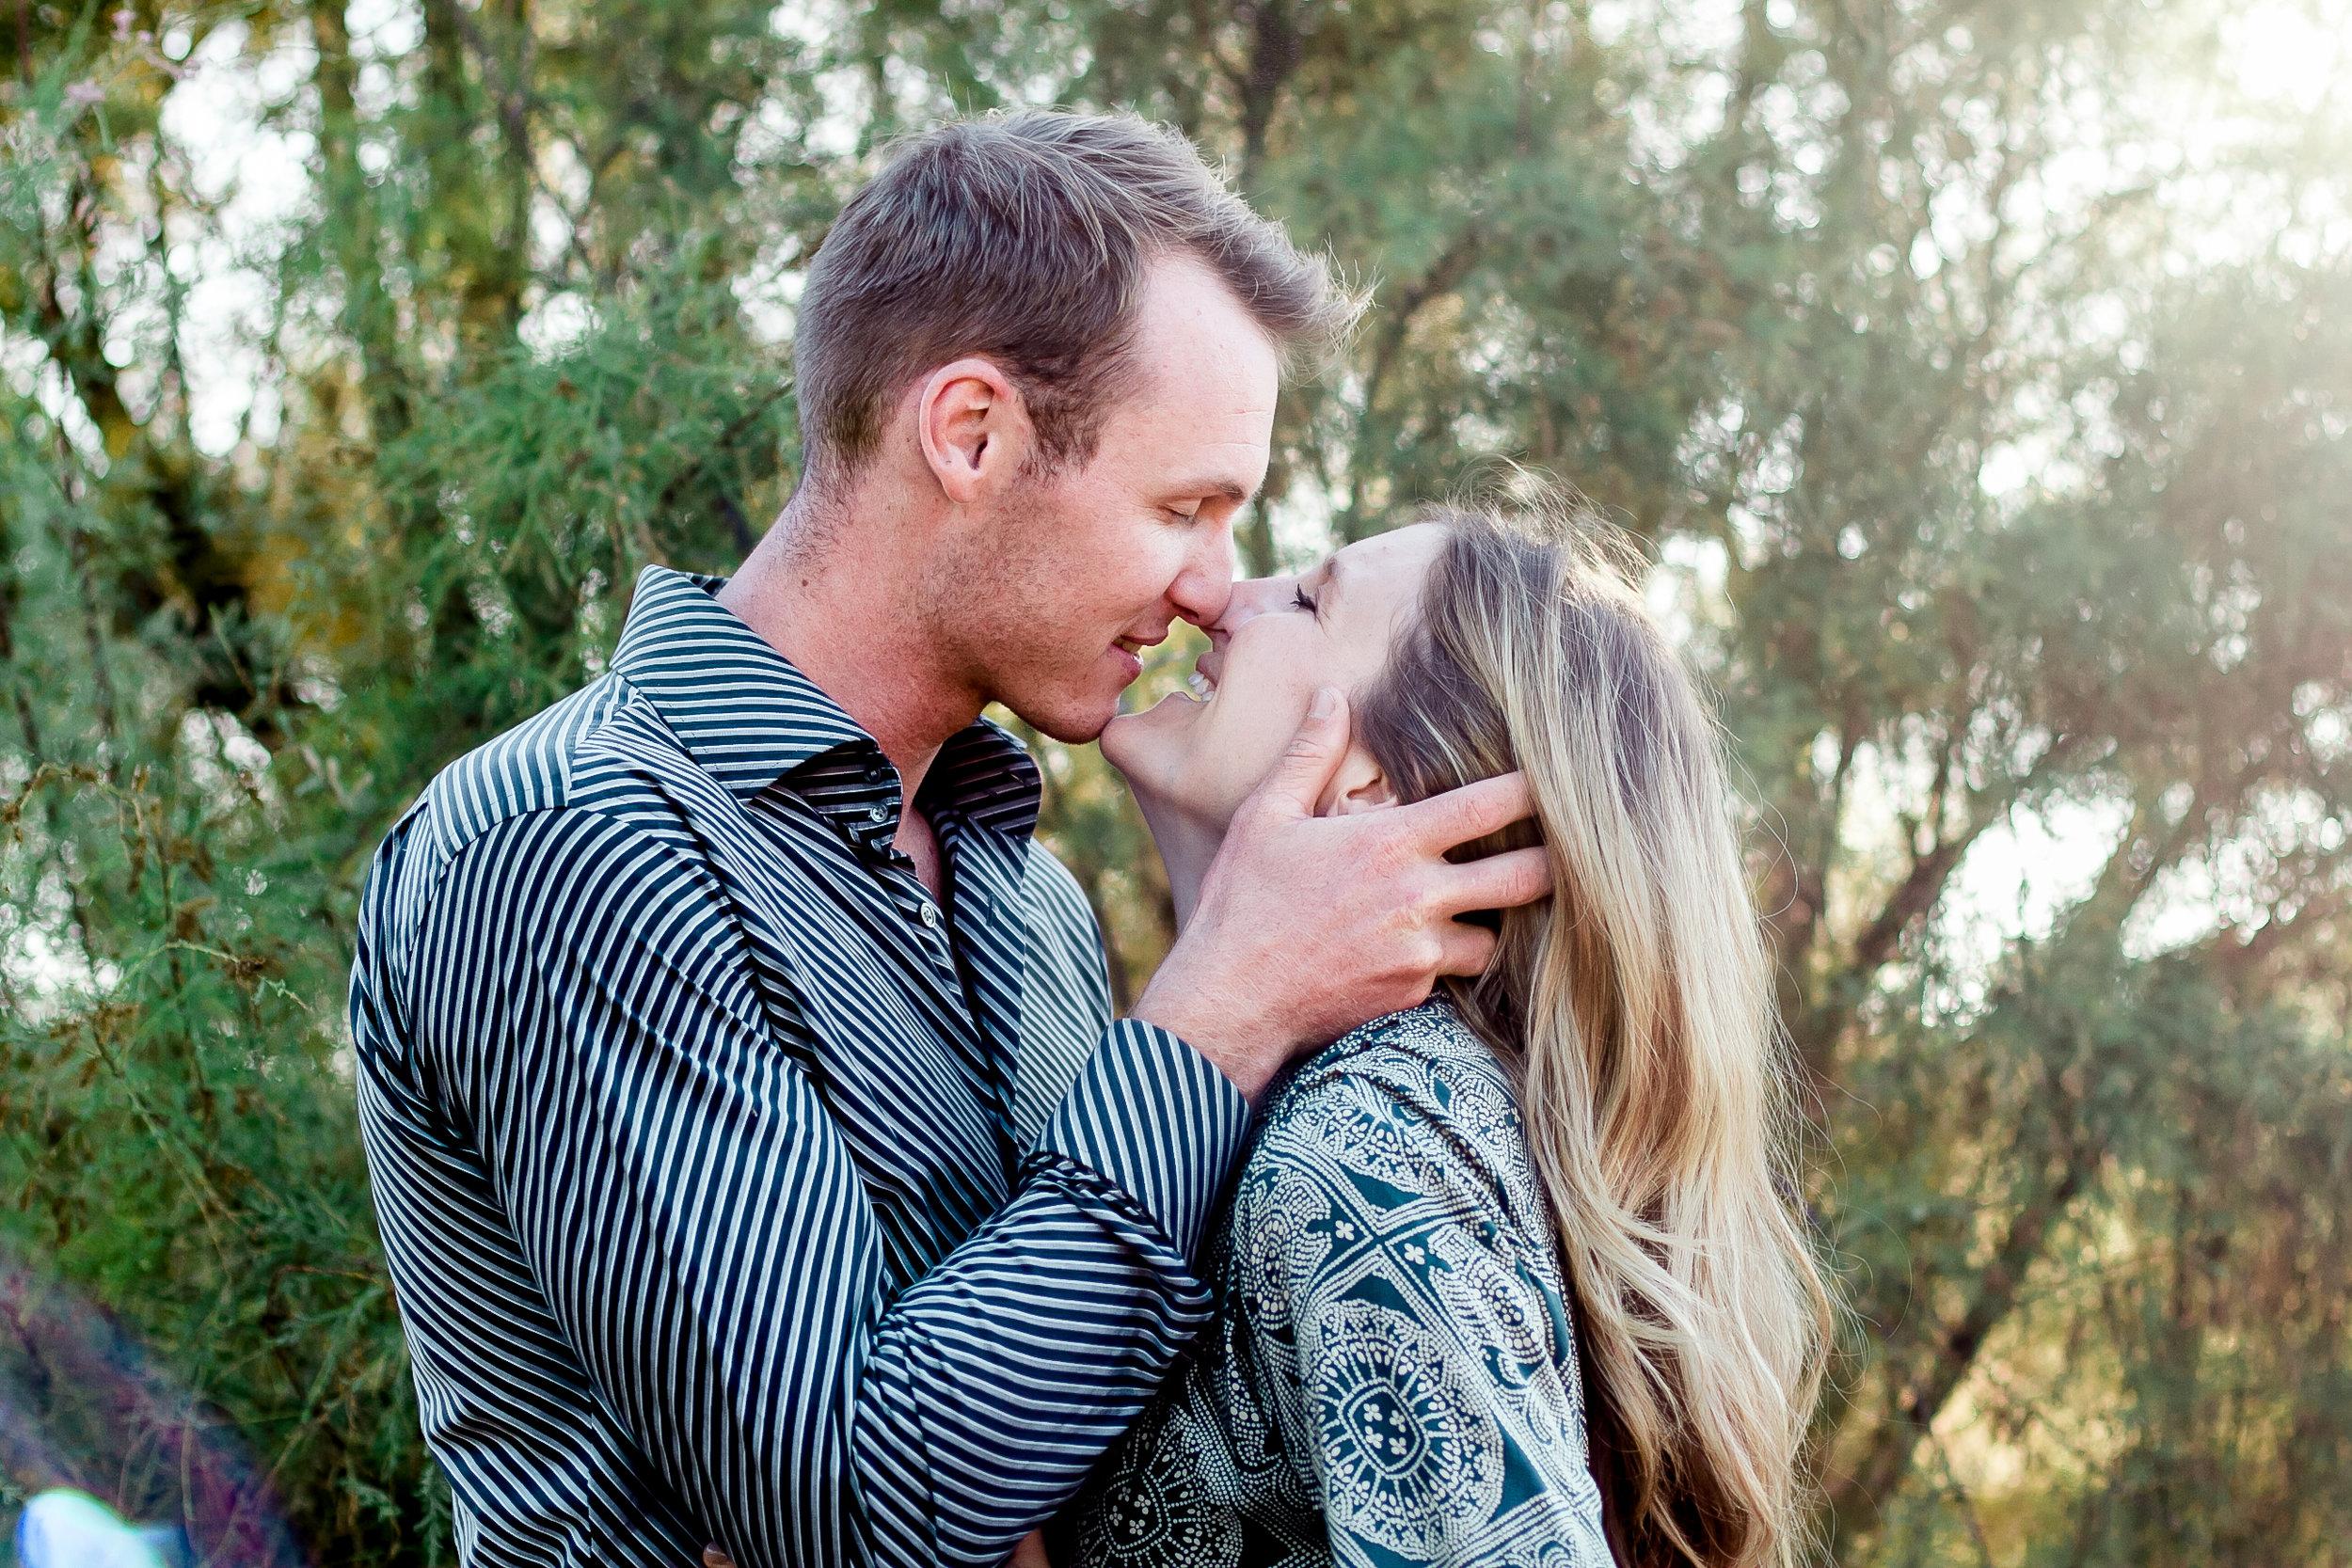 Engagements - Celebrating your new engagement…